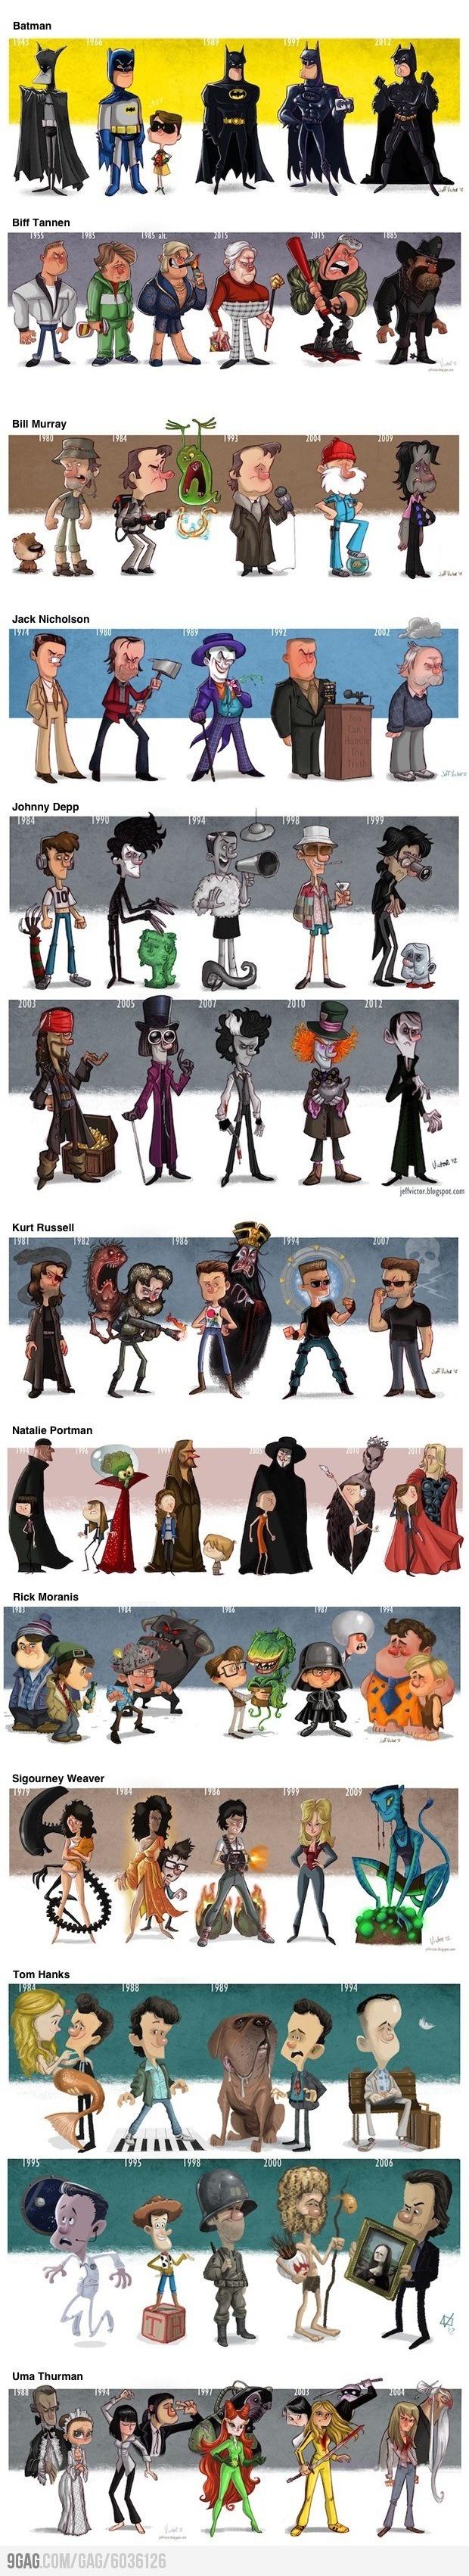 Personajes de cine, clásicos míticos.